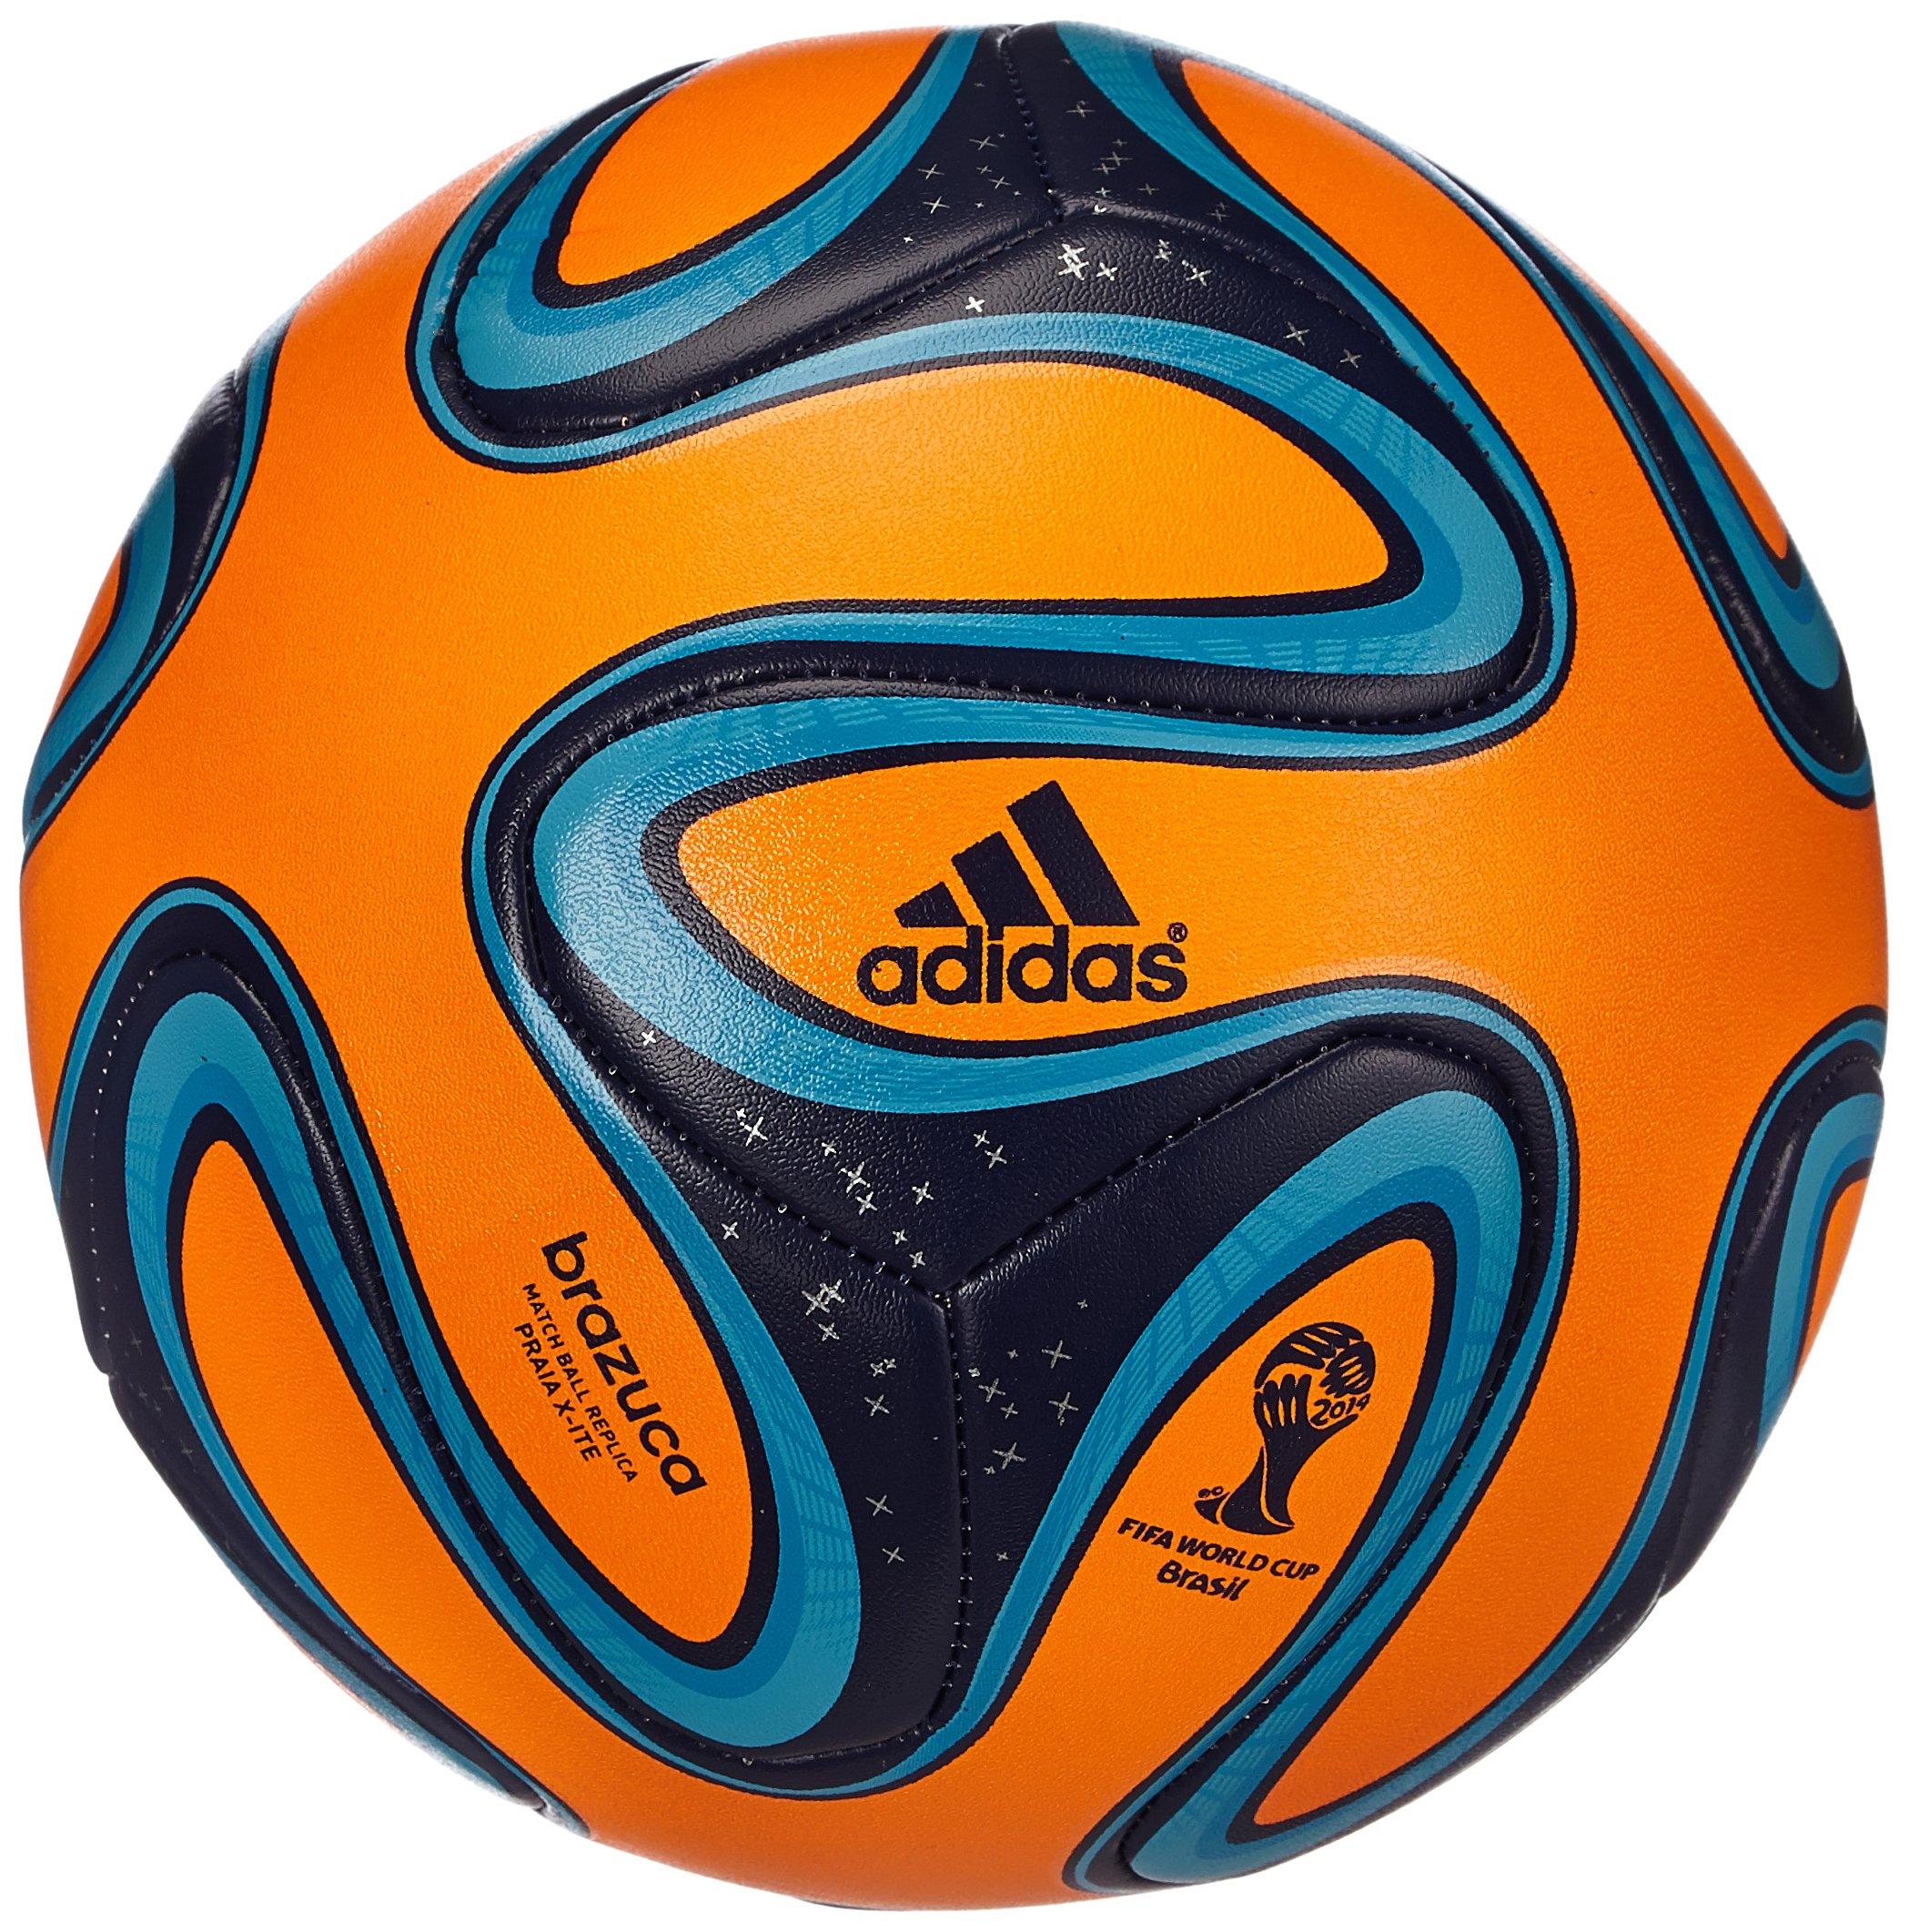 adidas Brazuca Praia X-Ite - Balón de fútbol de competición, color ...